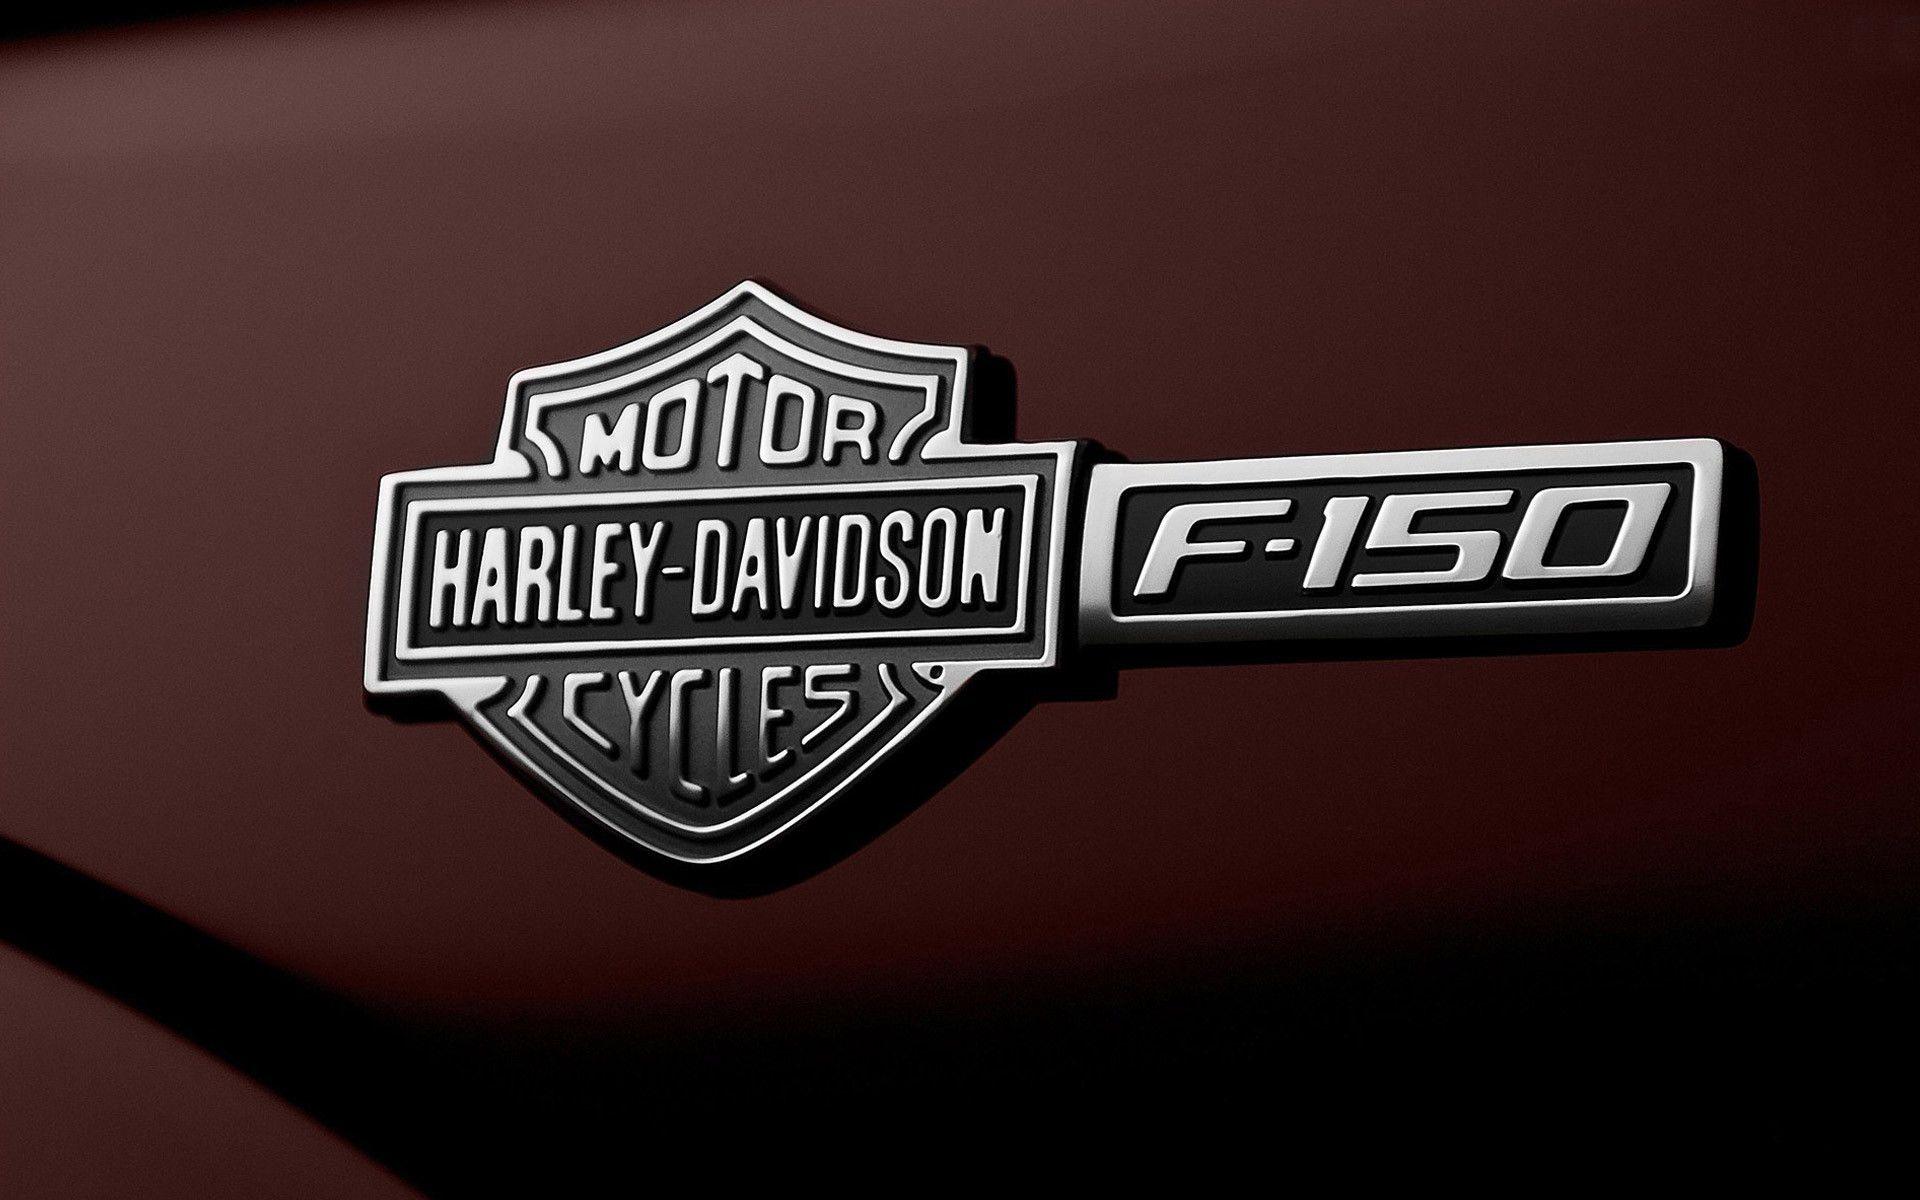 Harley davidson logo wallpapers wallpaper cave adorable harley davidson logo wallpapers wallpaper cave voltagebd Images